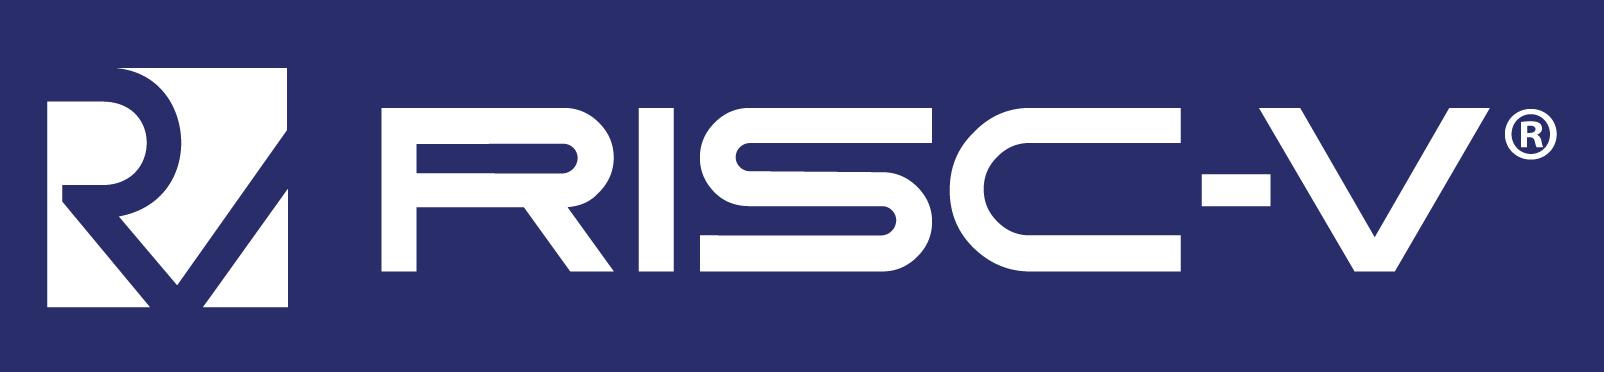 SYSGO erweitert sein Echtzeit-Betriebssystem PikeOS um RISC-V-Unterstützung